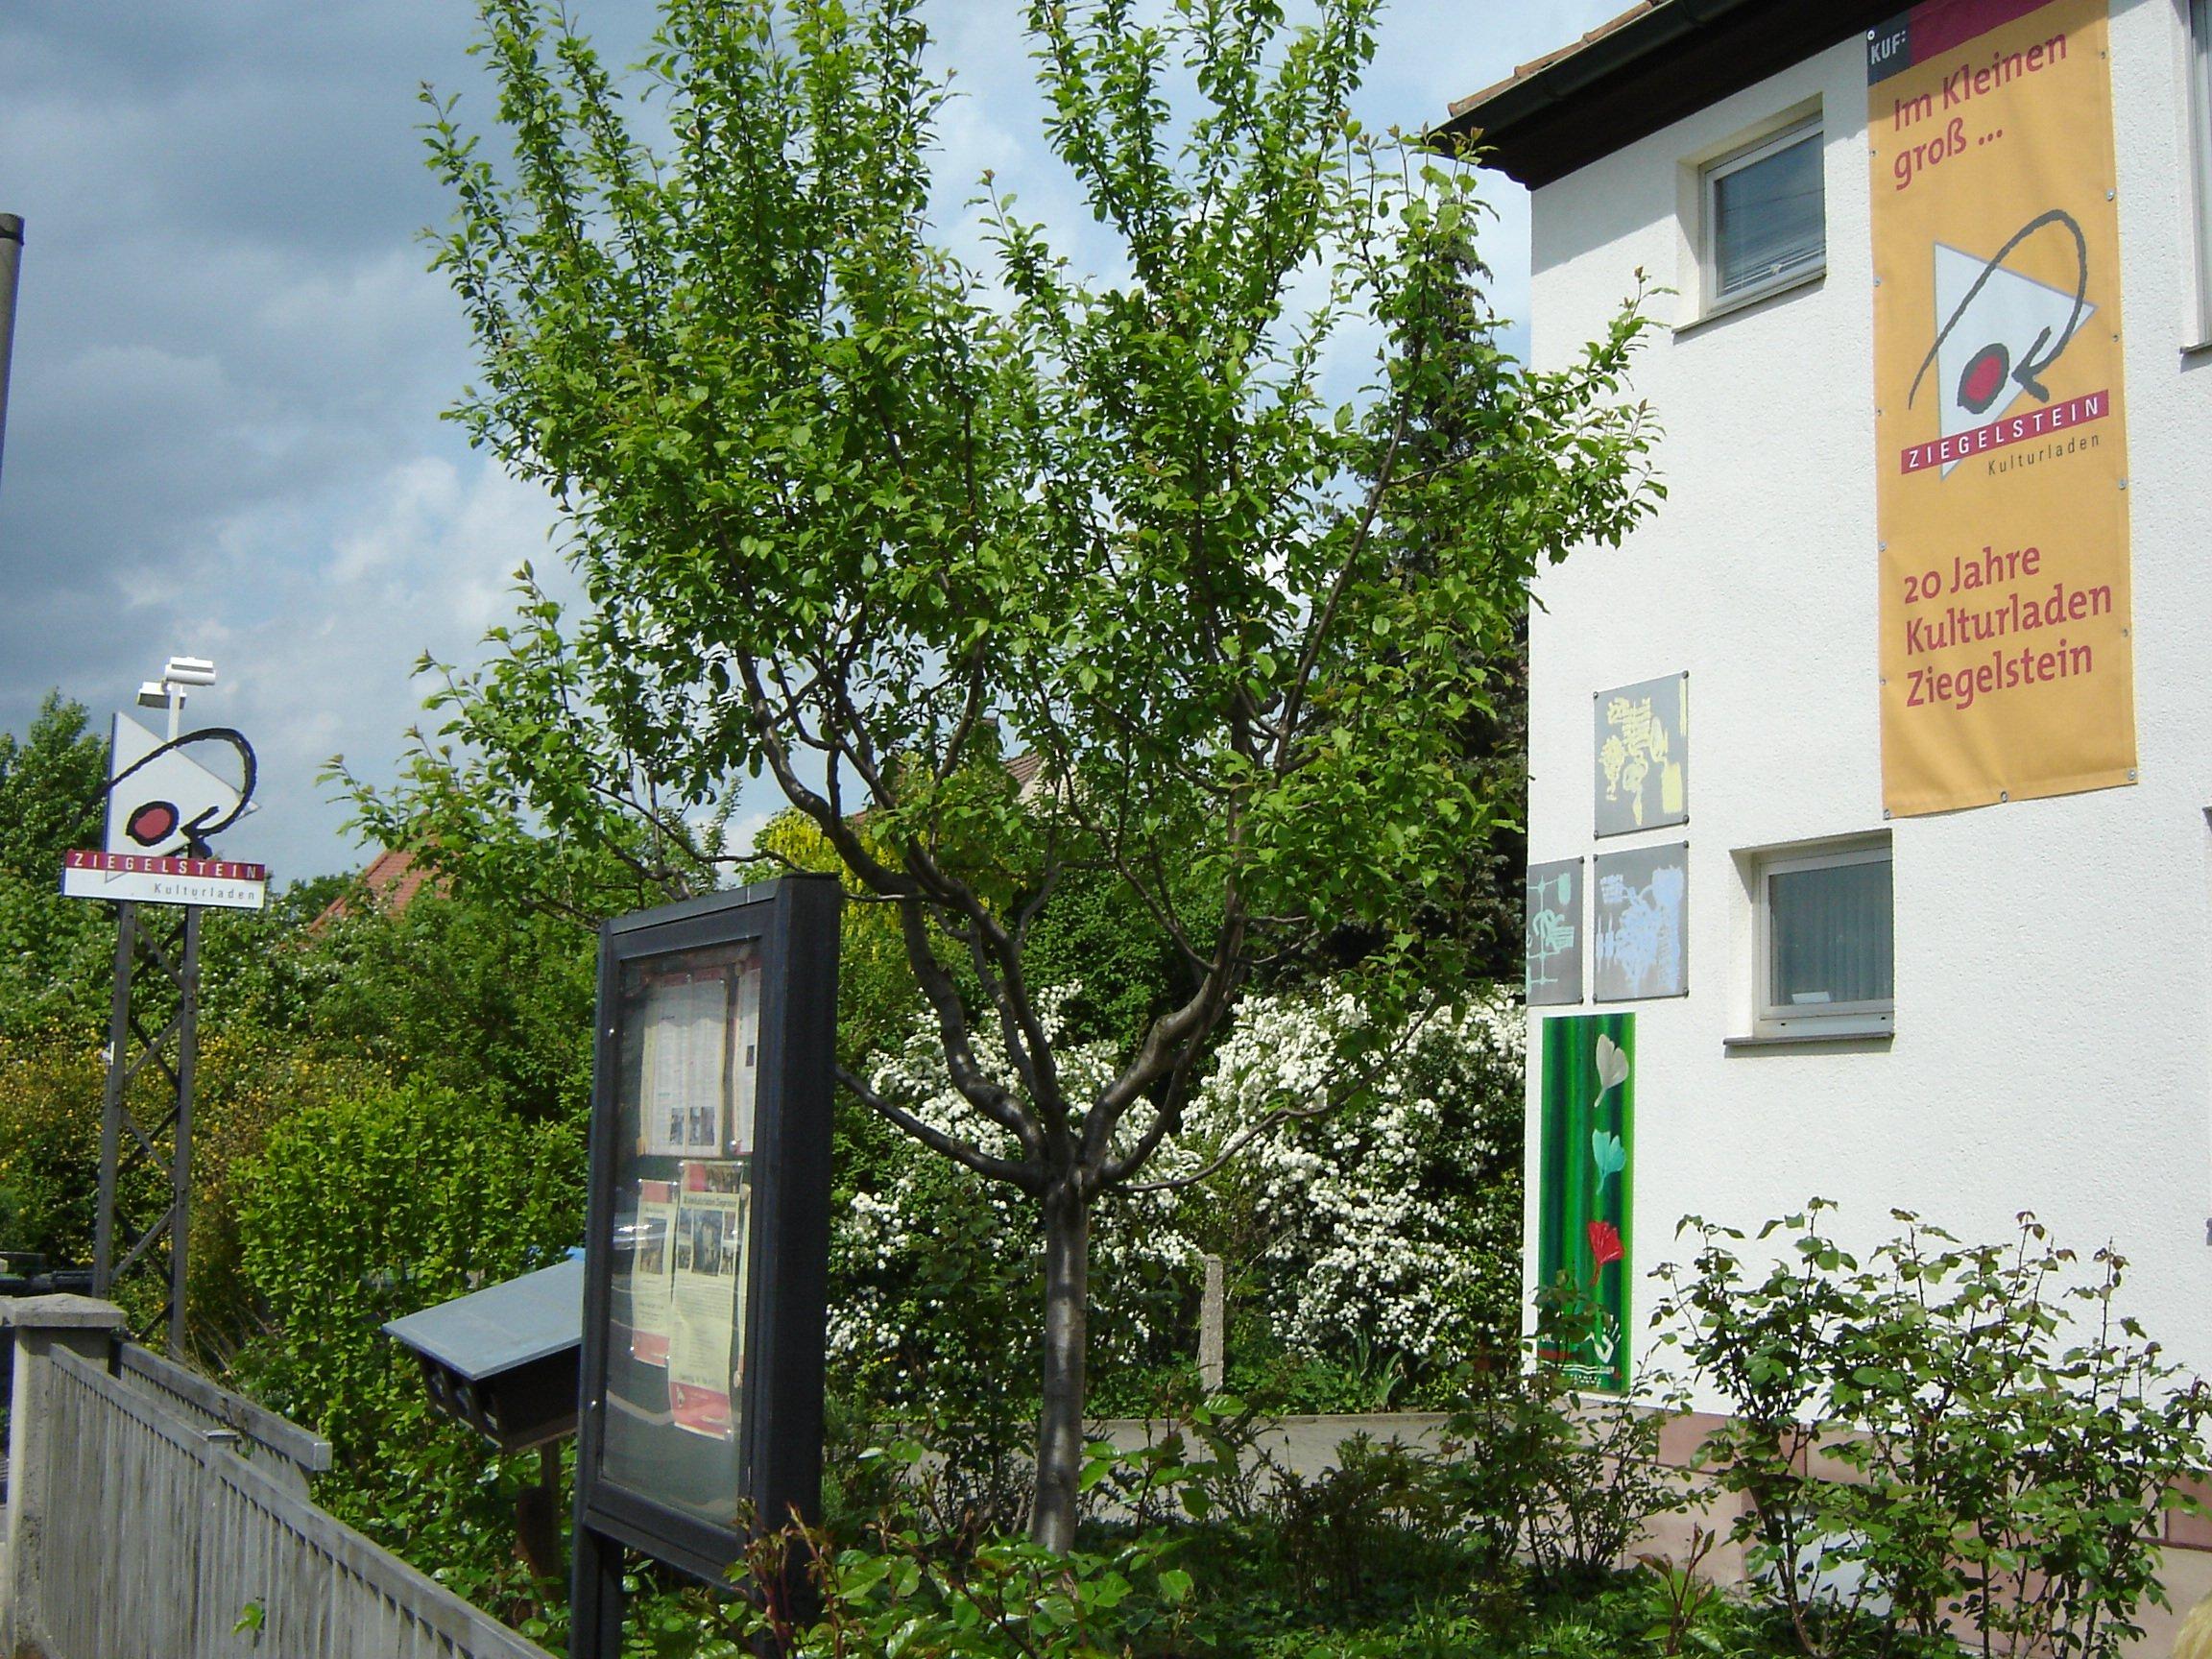 Café Litfaßsäule: Café Litfaßsäule - © Kulturladen Ziegelstein